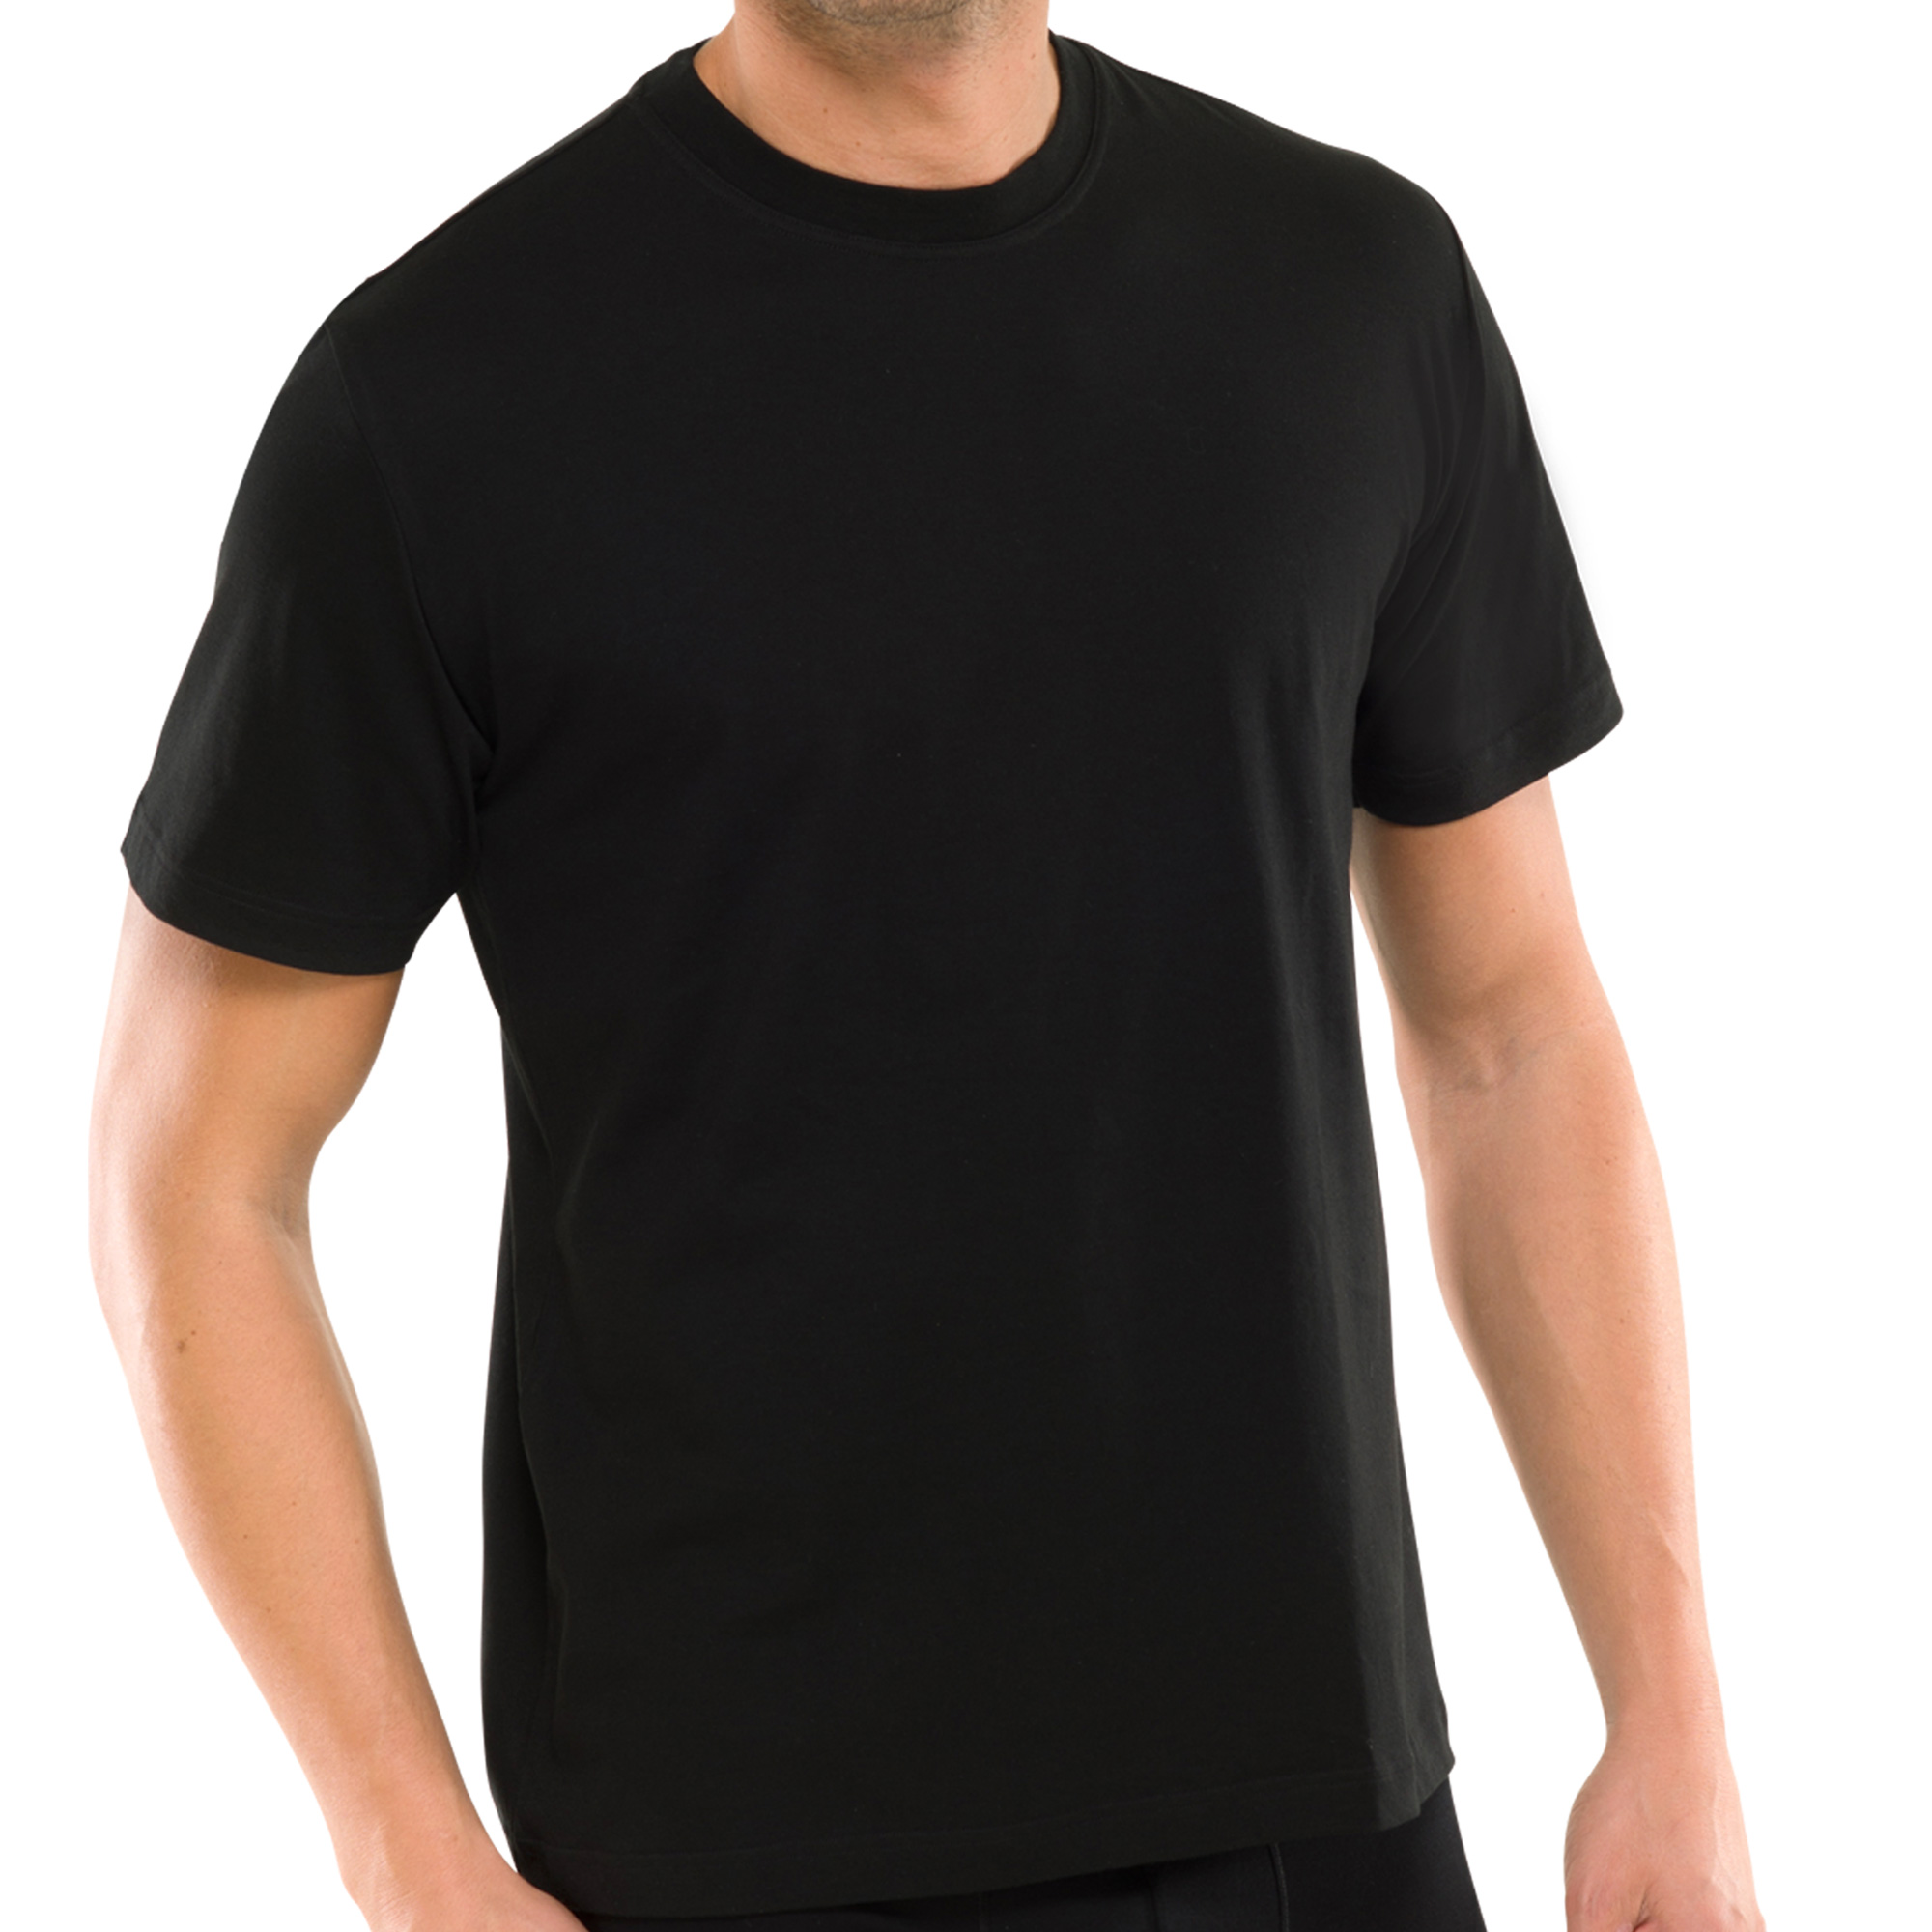 2er Pack Schiesser Herren American T- Shirts mit Rundhals, 100% Baumwolle, Neu – Bild 5